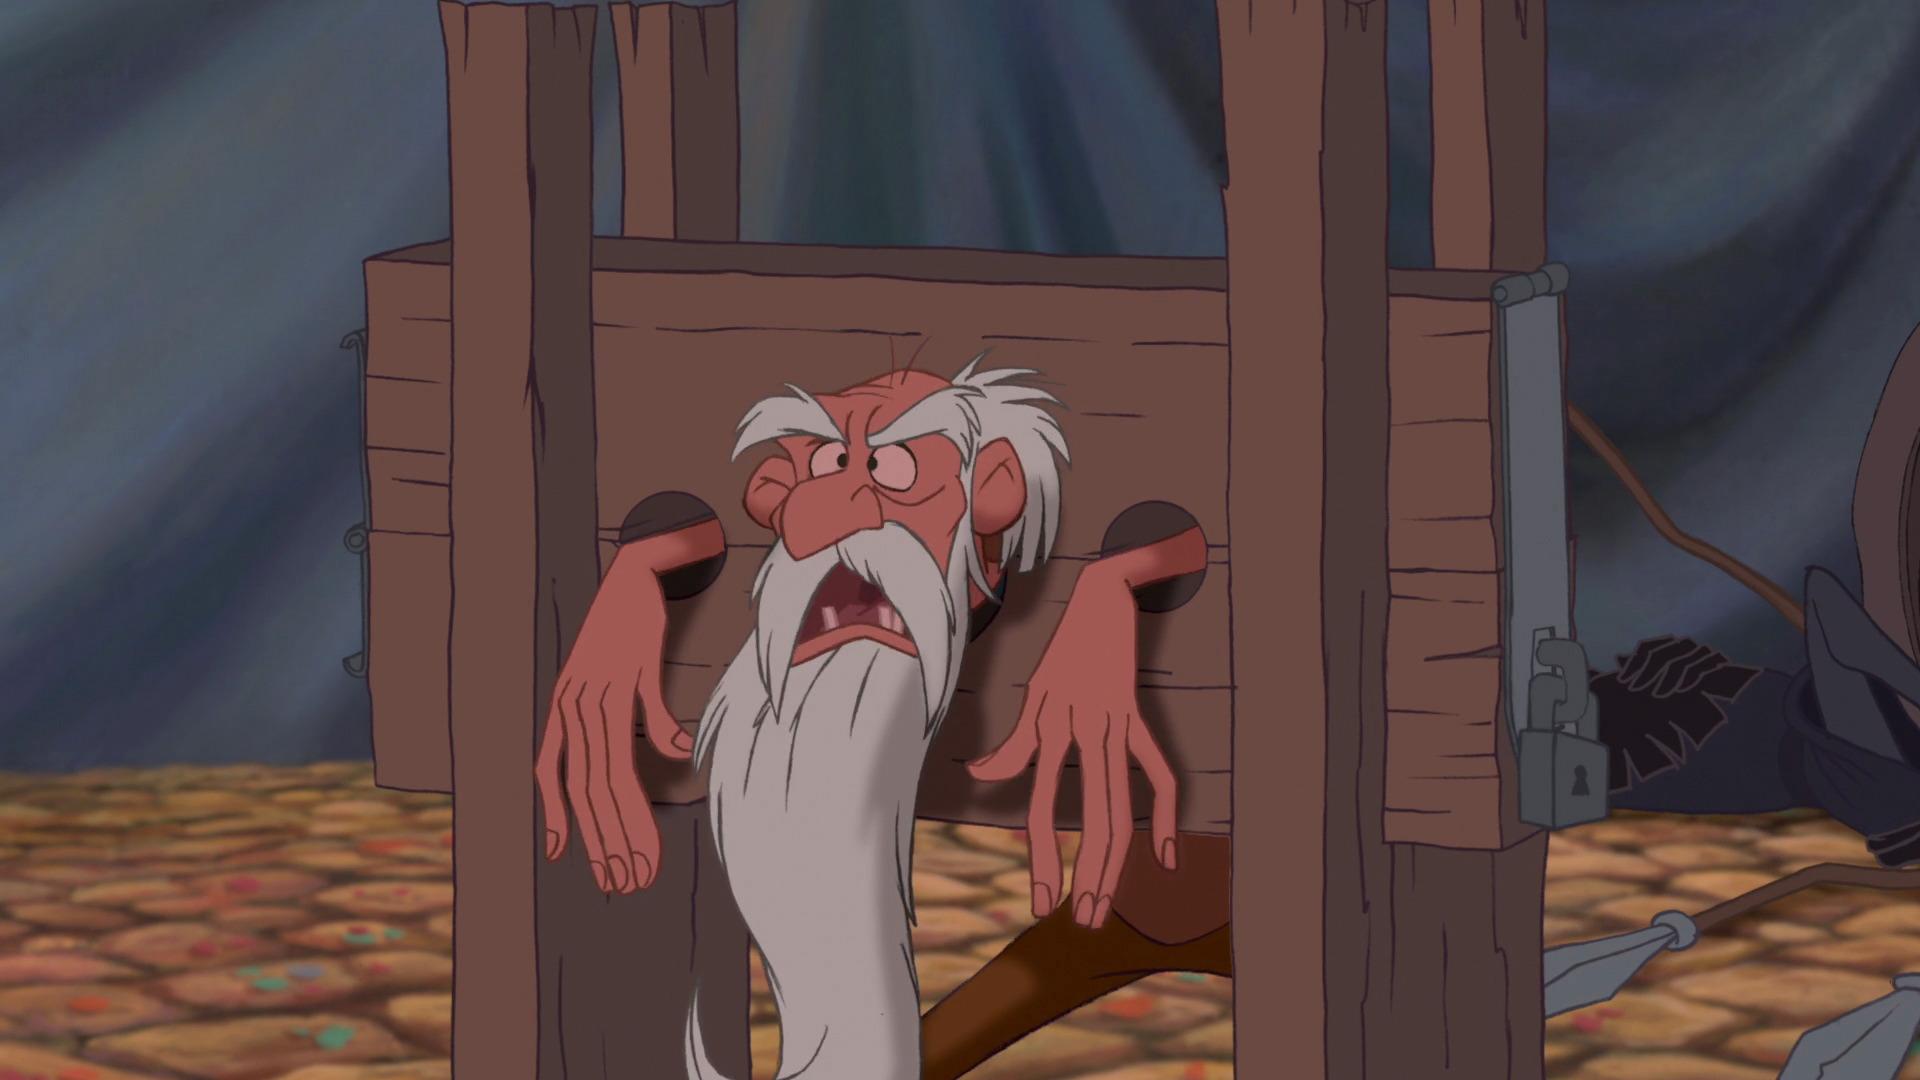 Old prisoner the hunchback of notre dame disney wiki